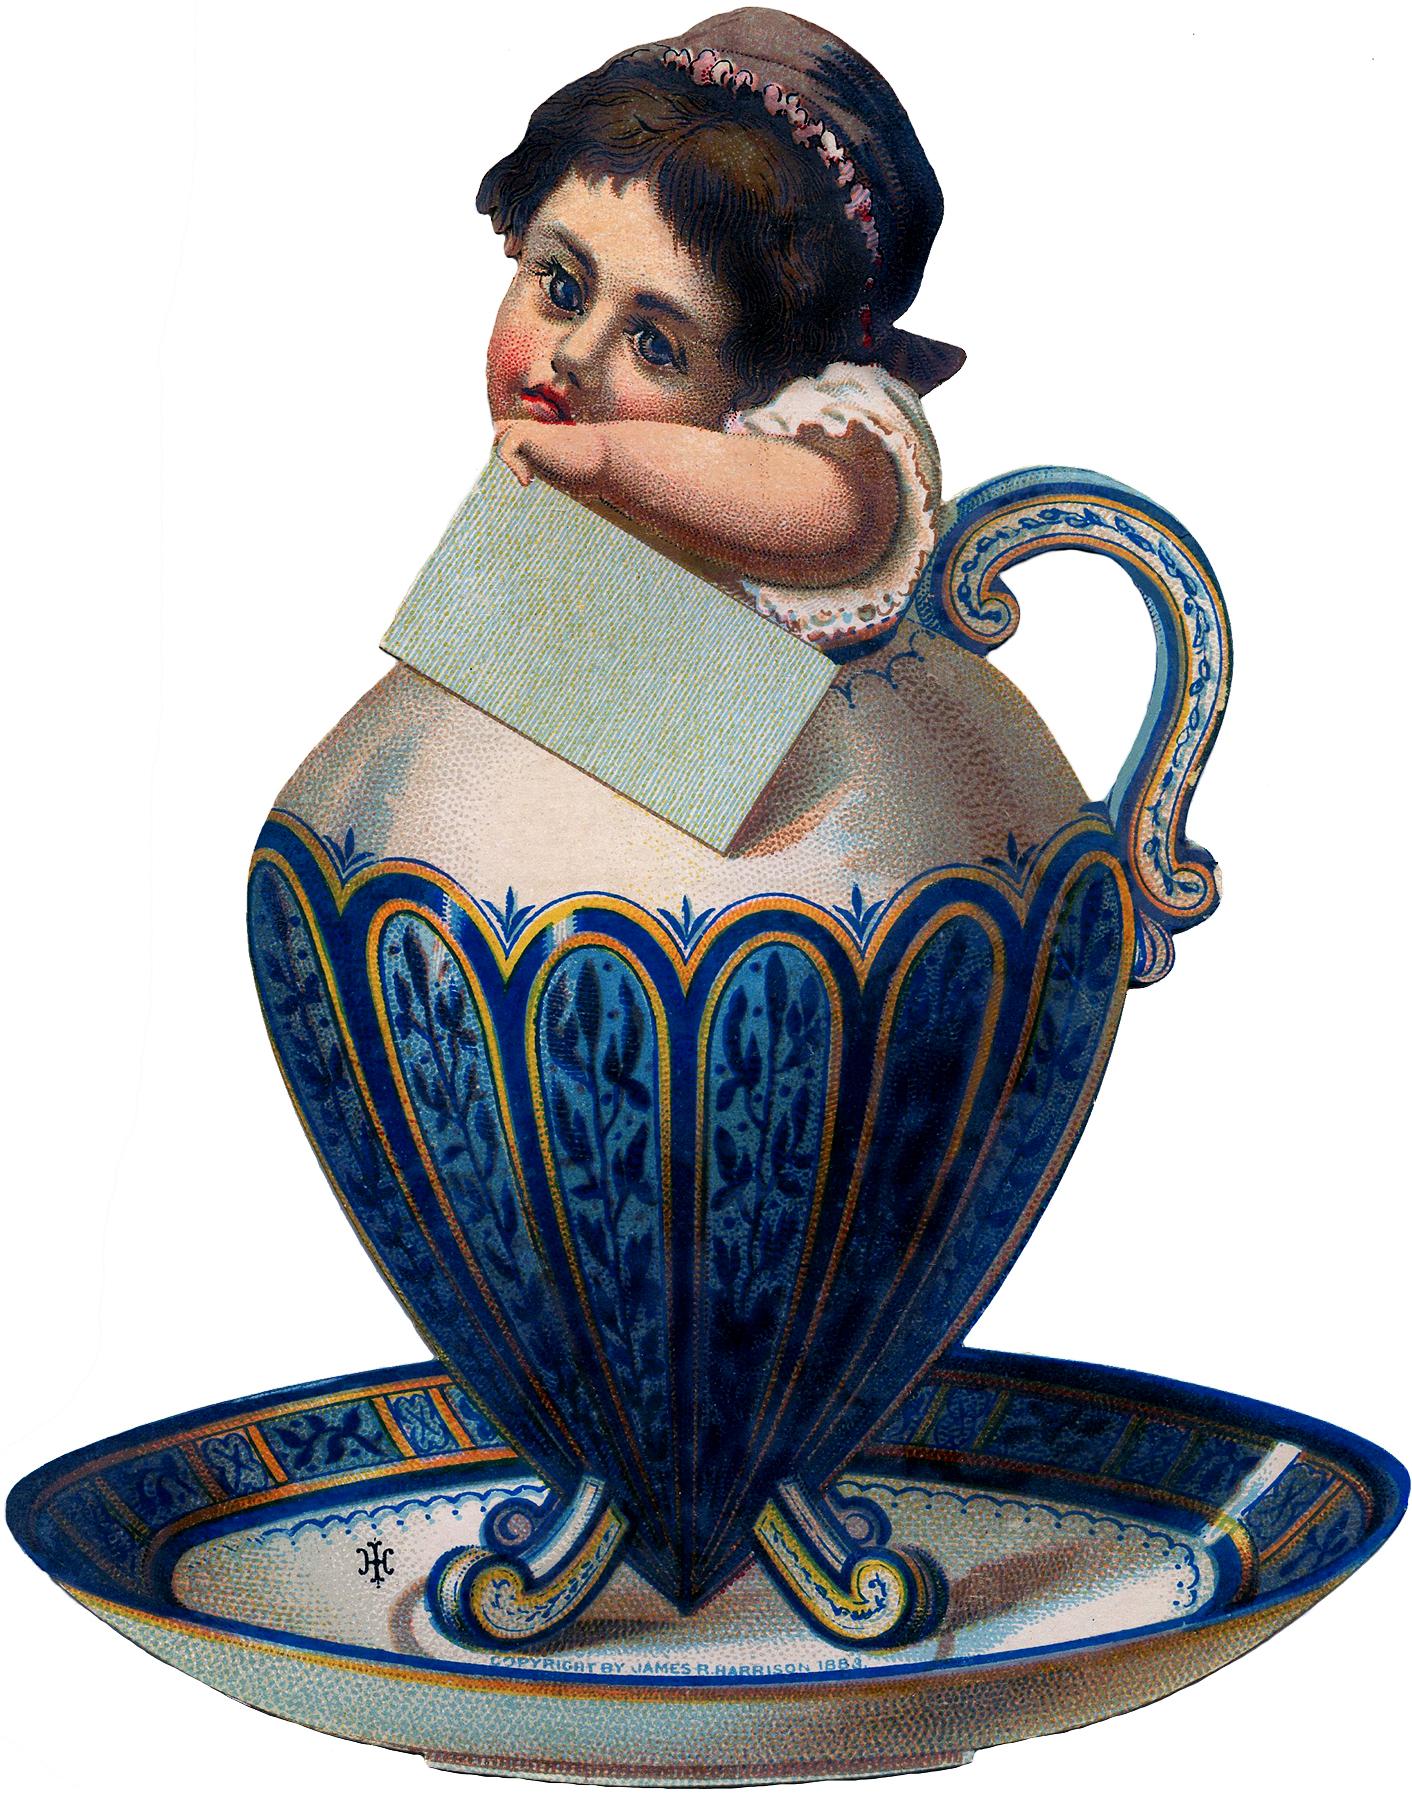 Quirky Sugar Bowl Girl Image